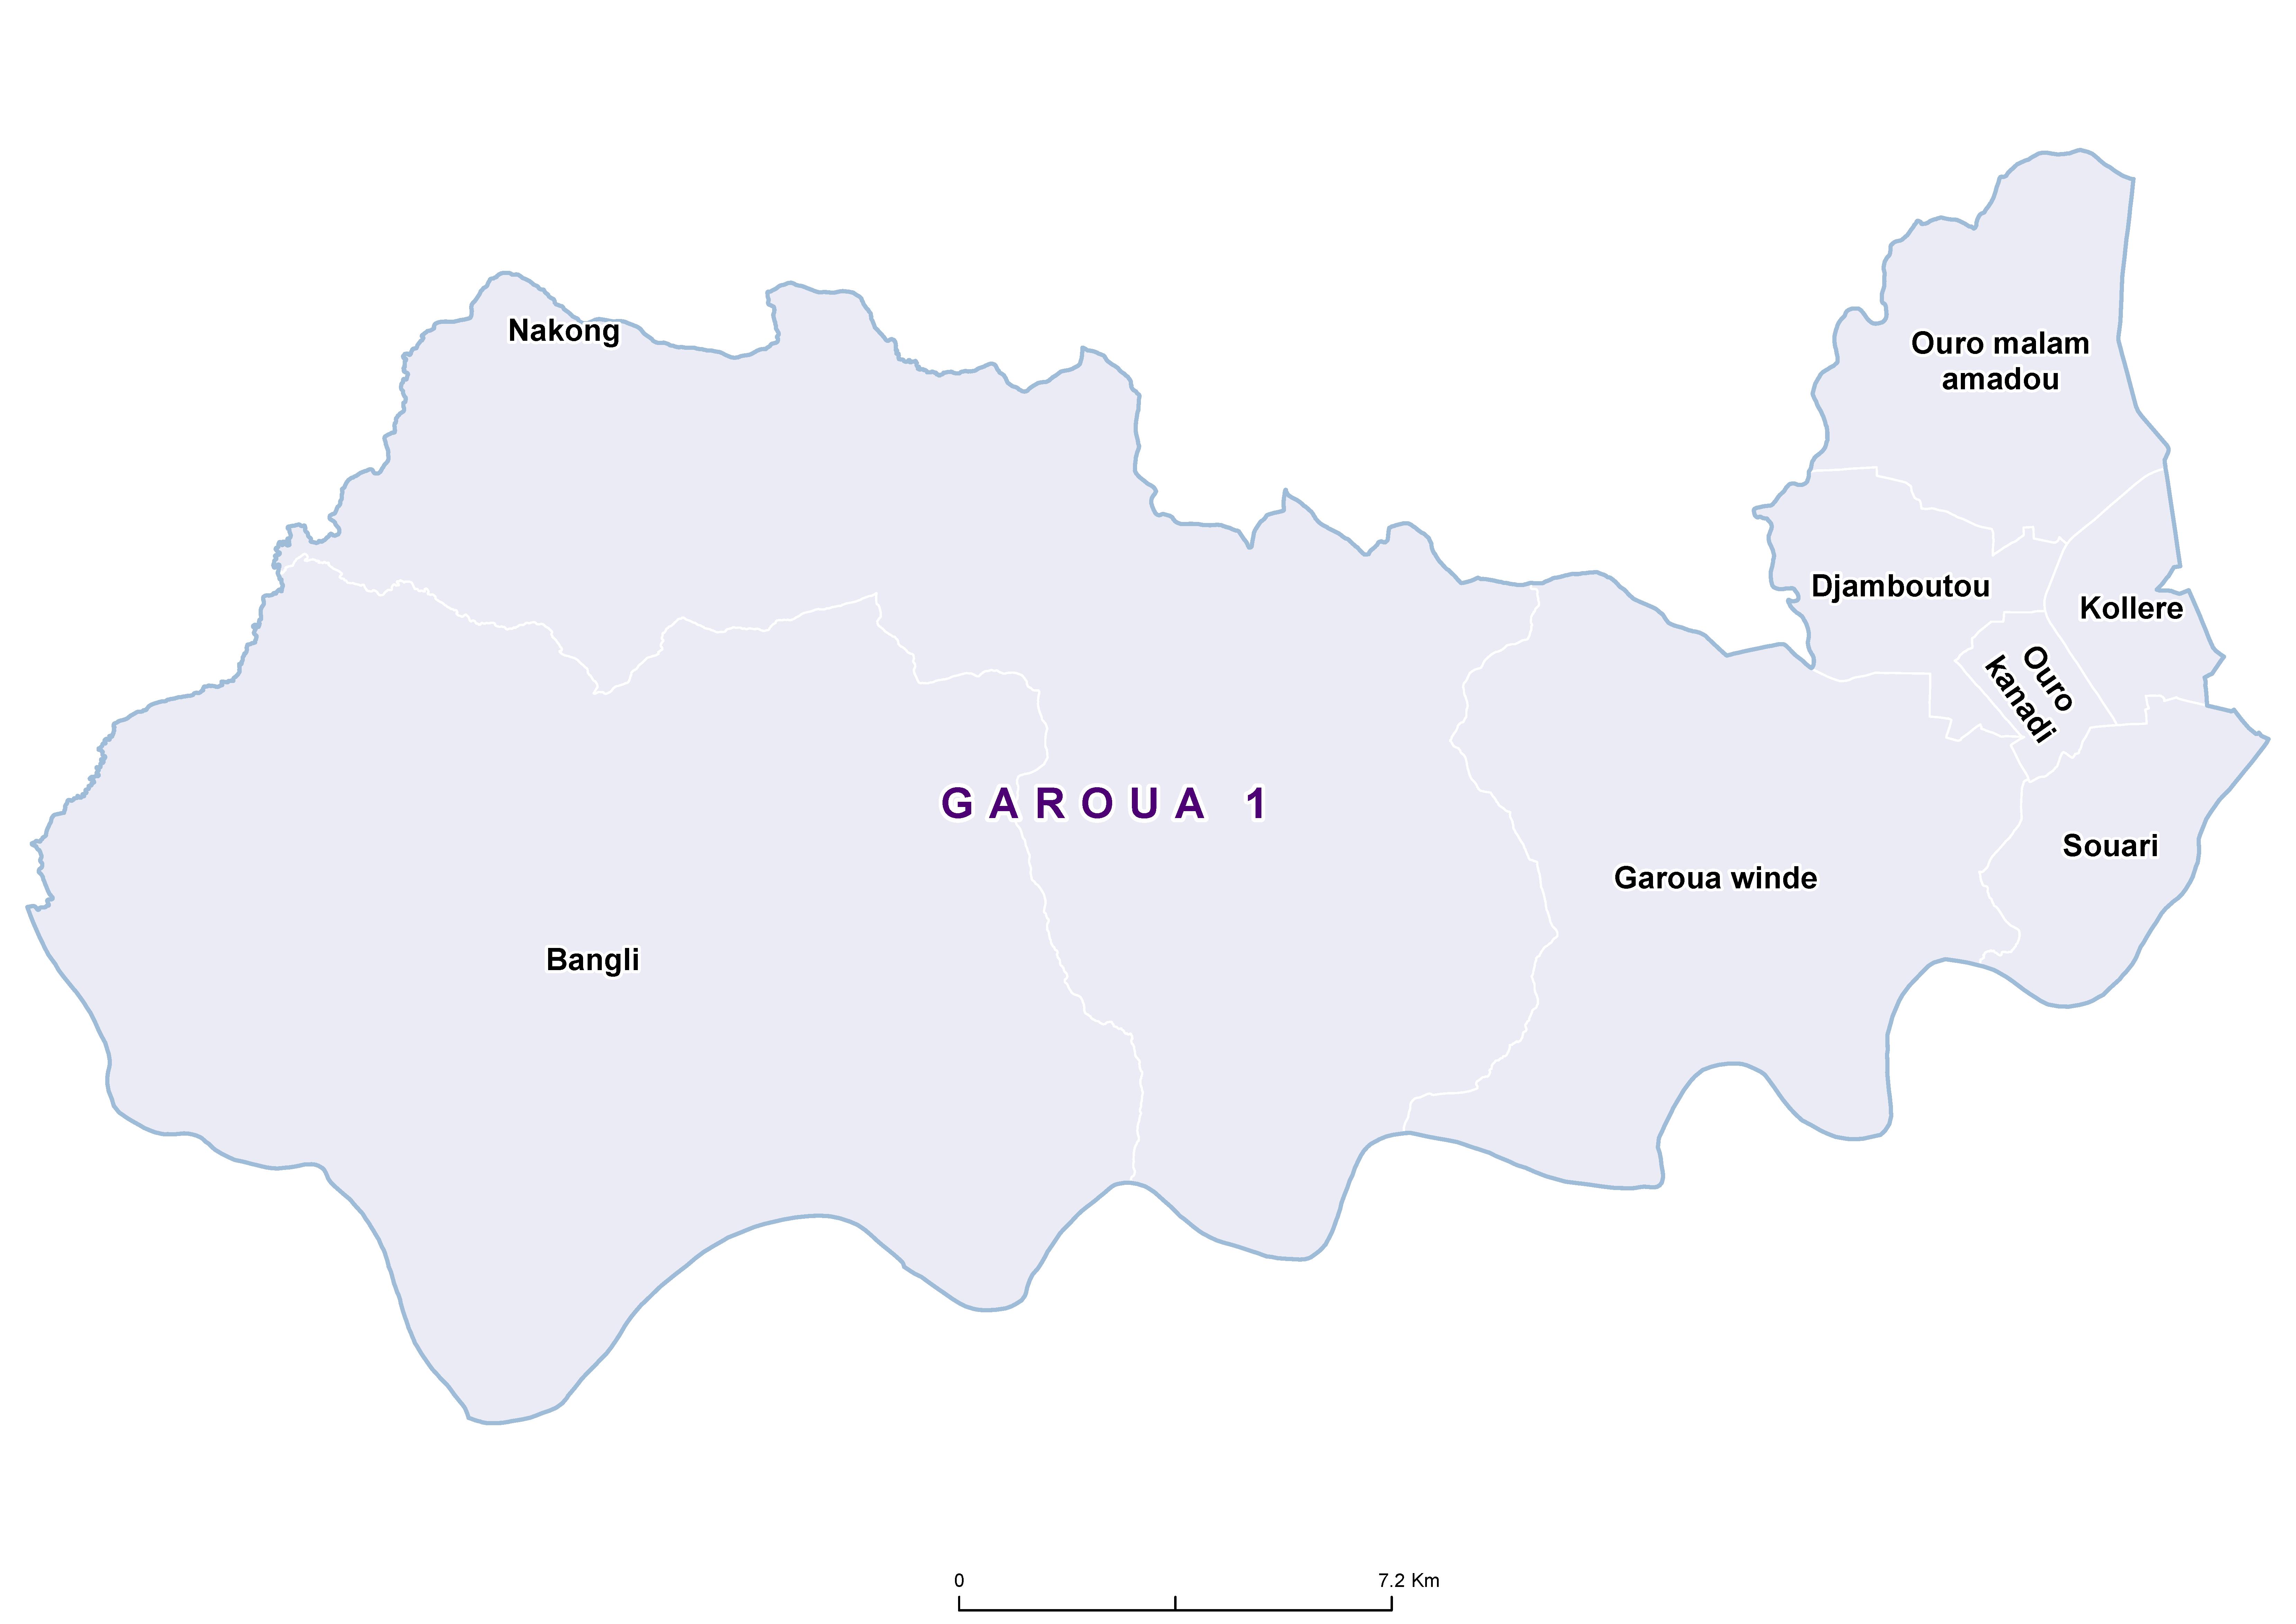 Garoua 1 SCH 20180001